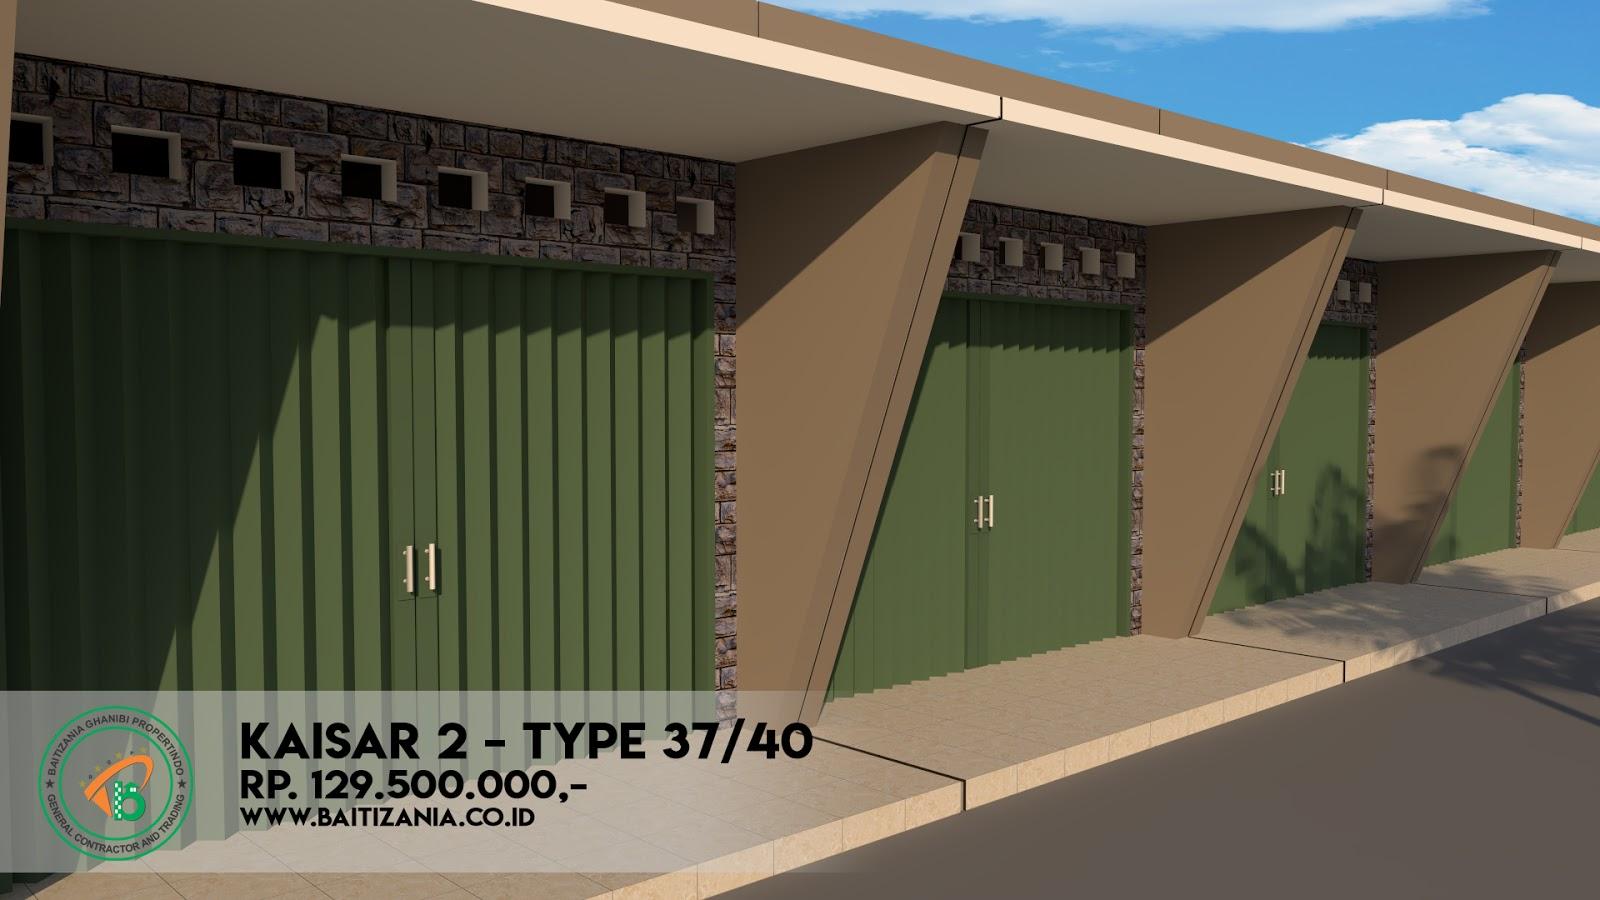 Jasa Arsitek Bangun Rumah Renovasi Rumah Profesional Bergaransi Terpercaya Baitizania